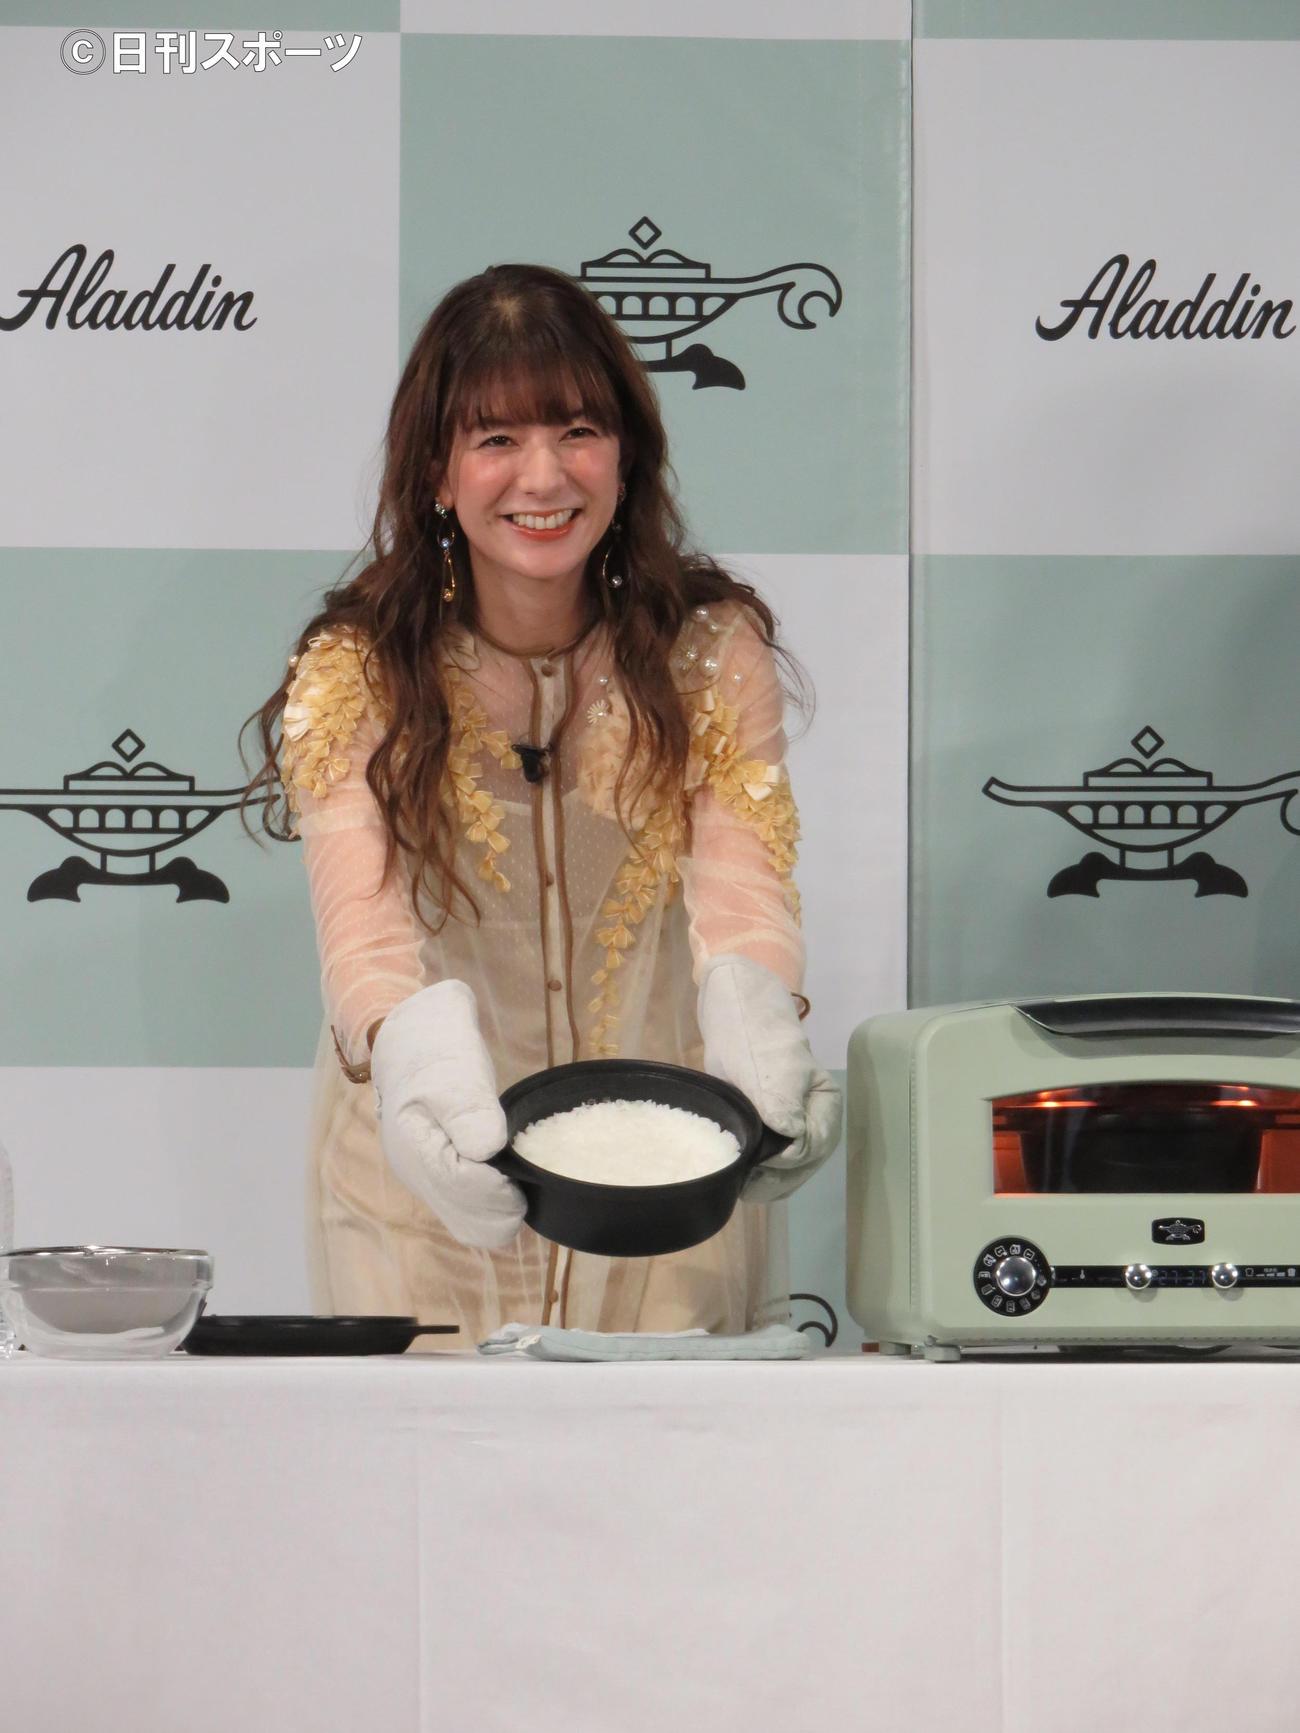 アラジンの新商品発表会でご飯を炊いたスザンヌ